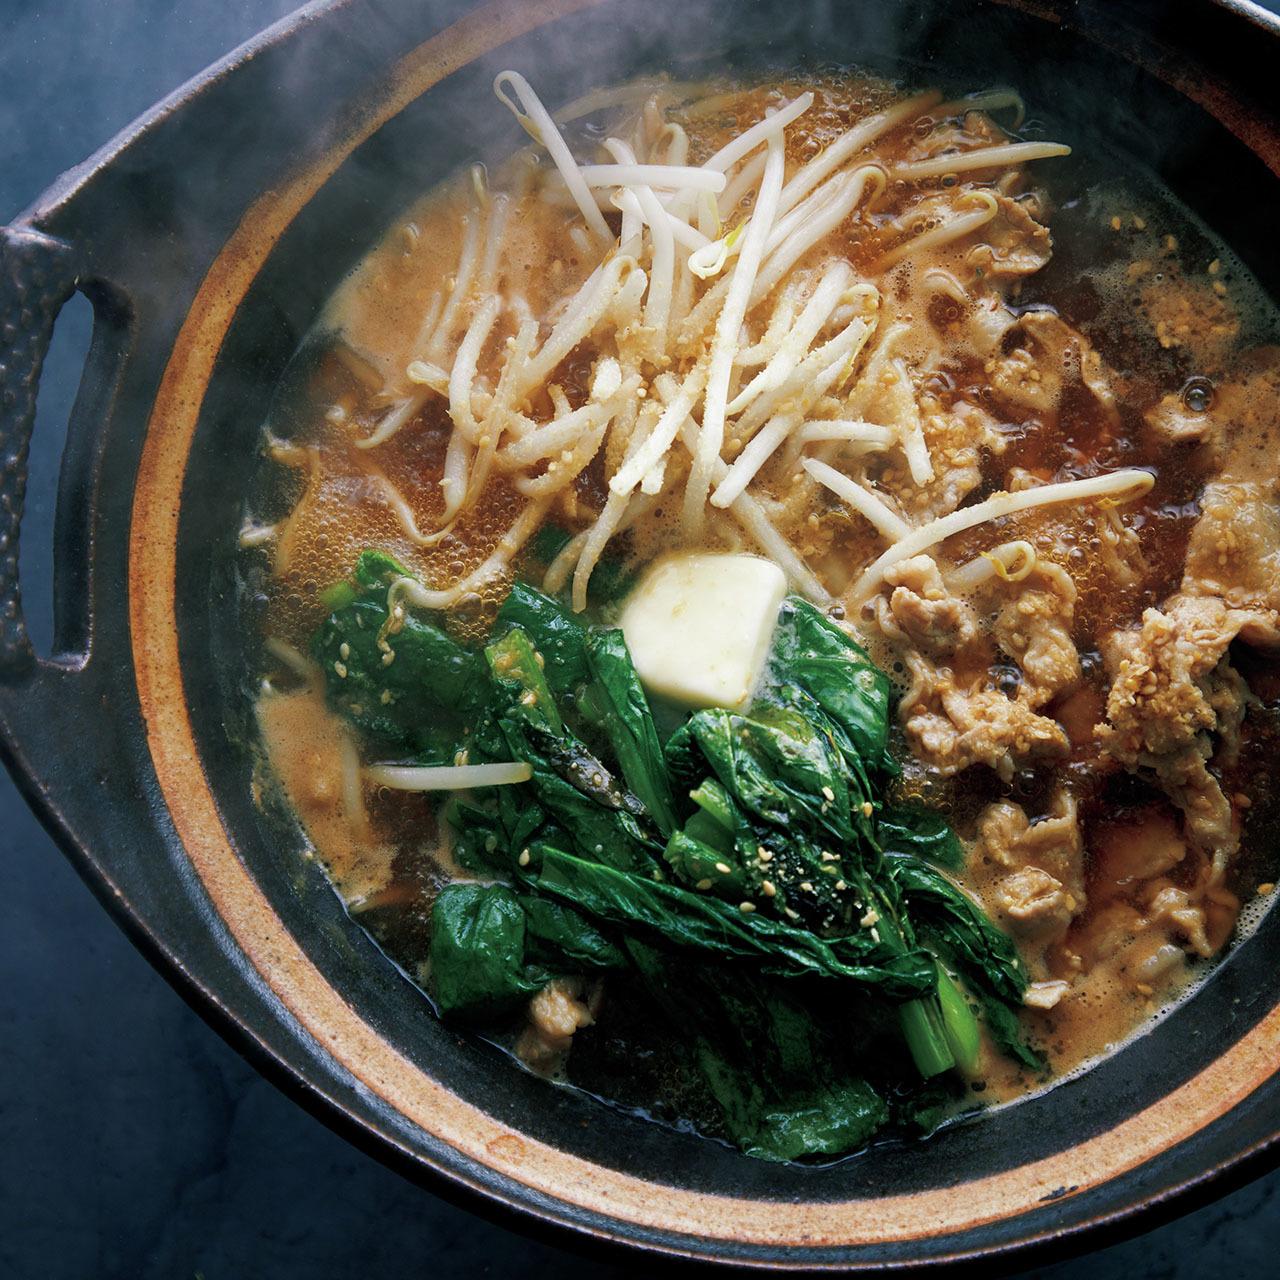 料理家・堤人美さんが提案! 冬野菜が美味しい鍋レシピ 五選_1_1-5